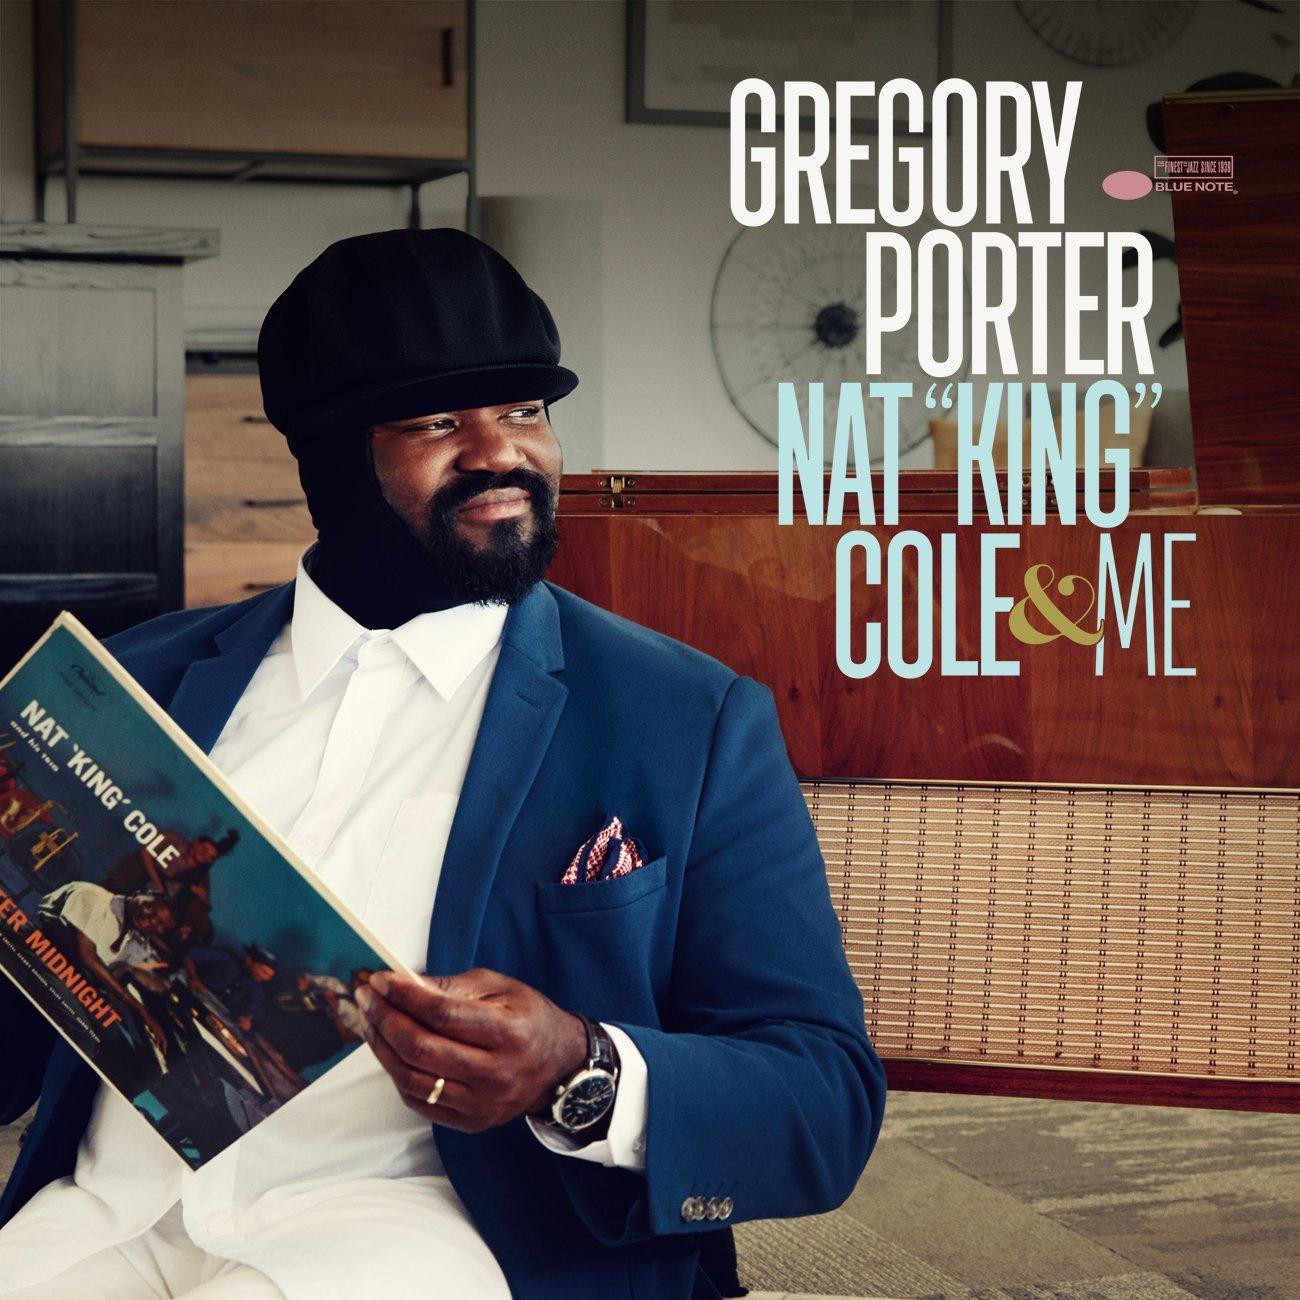 Gregory Porter - Nat King Cole & Me [2xLP]